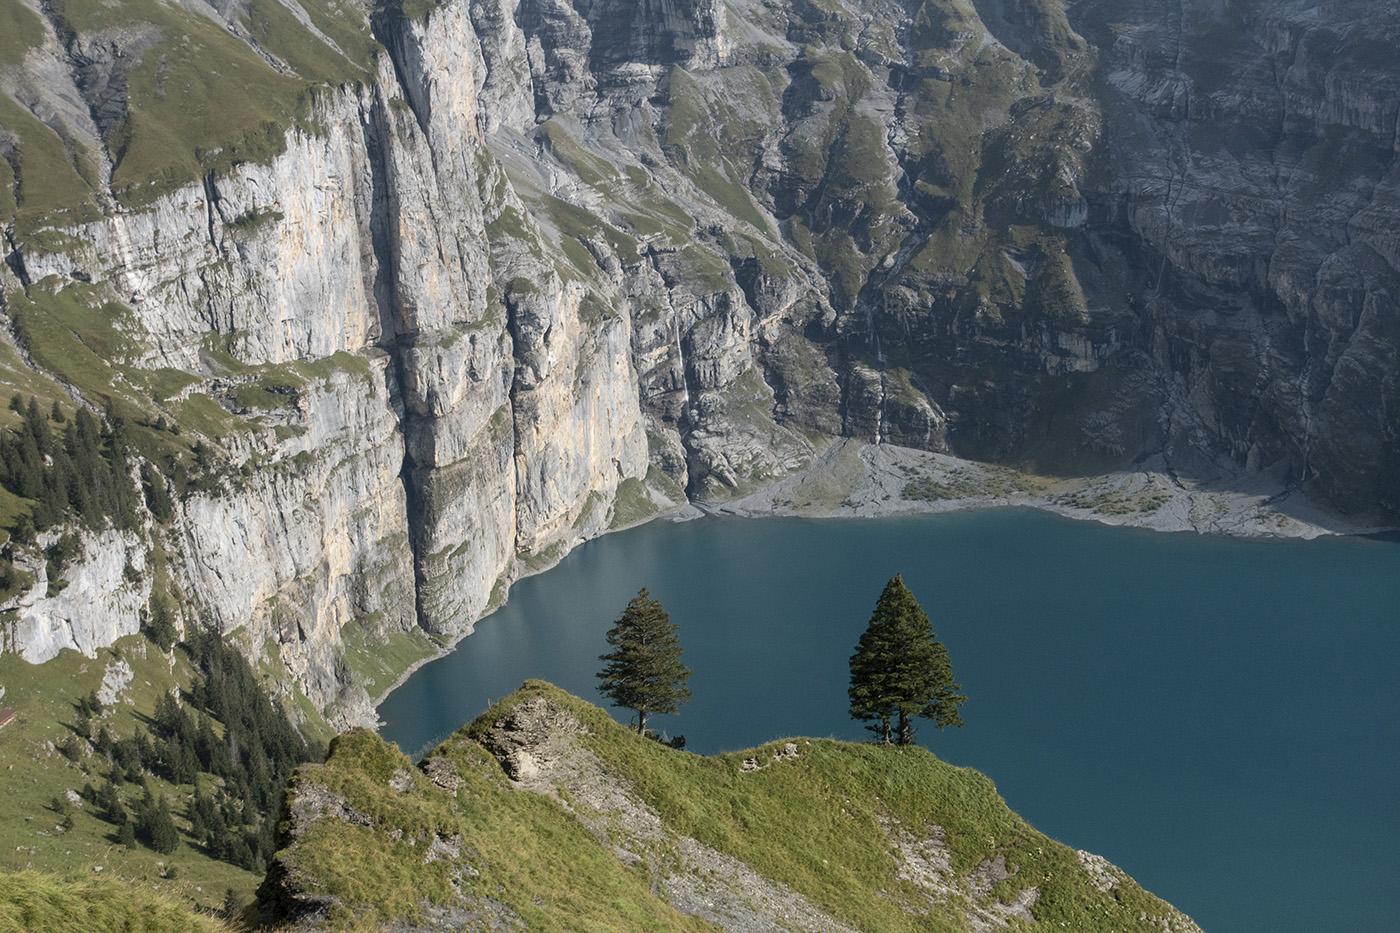 Wanderung Via Alpina, von Lauterbrunnen nach Adelboden. 10. - 13.  September 2020 © Valerie Chetelat